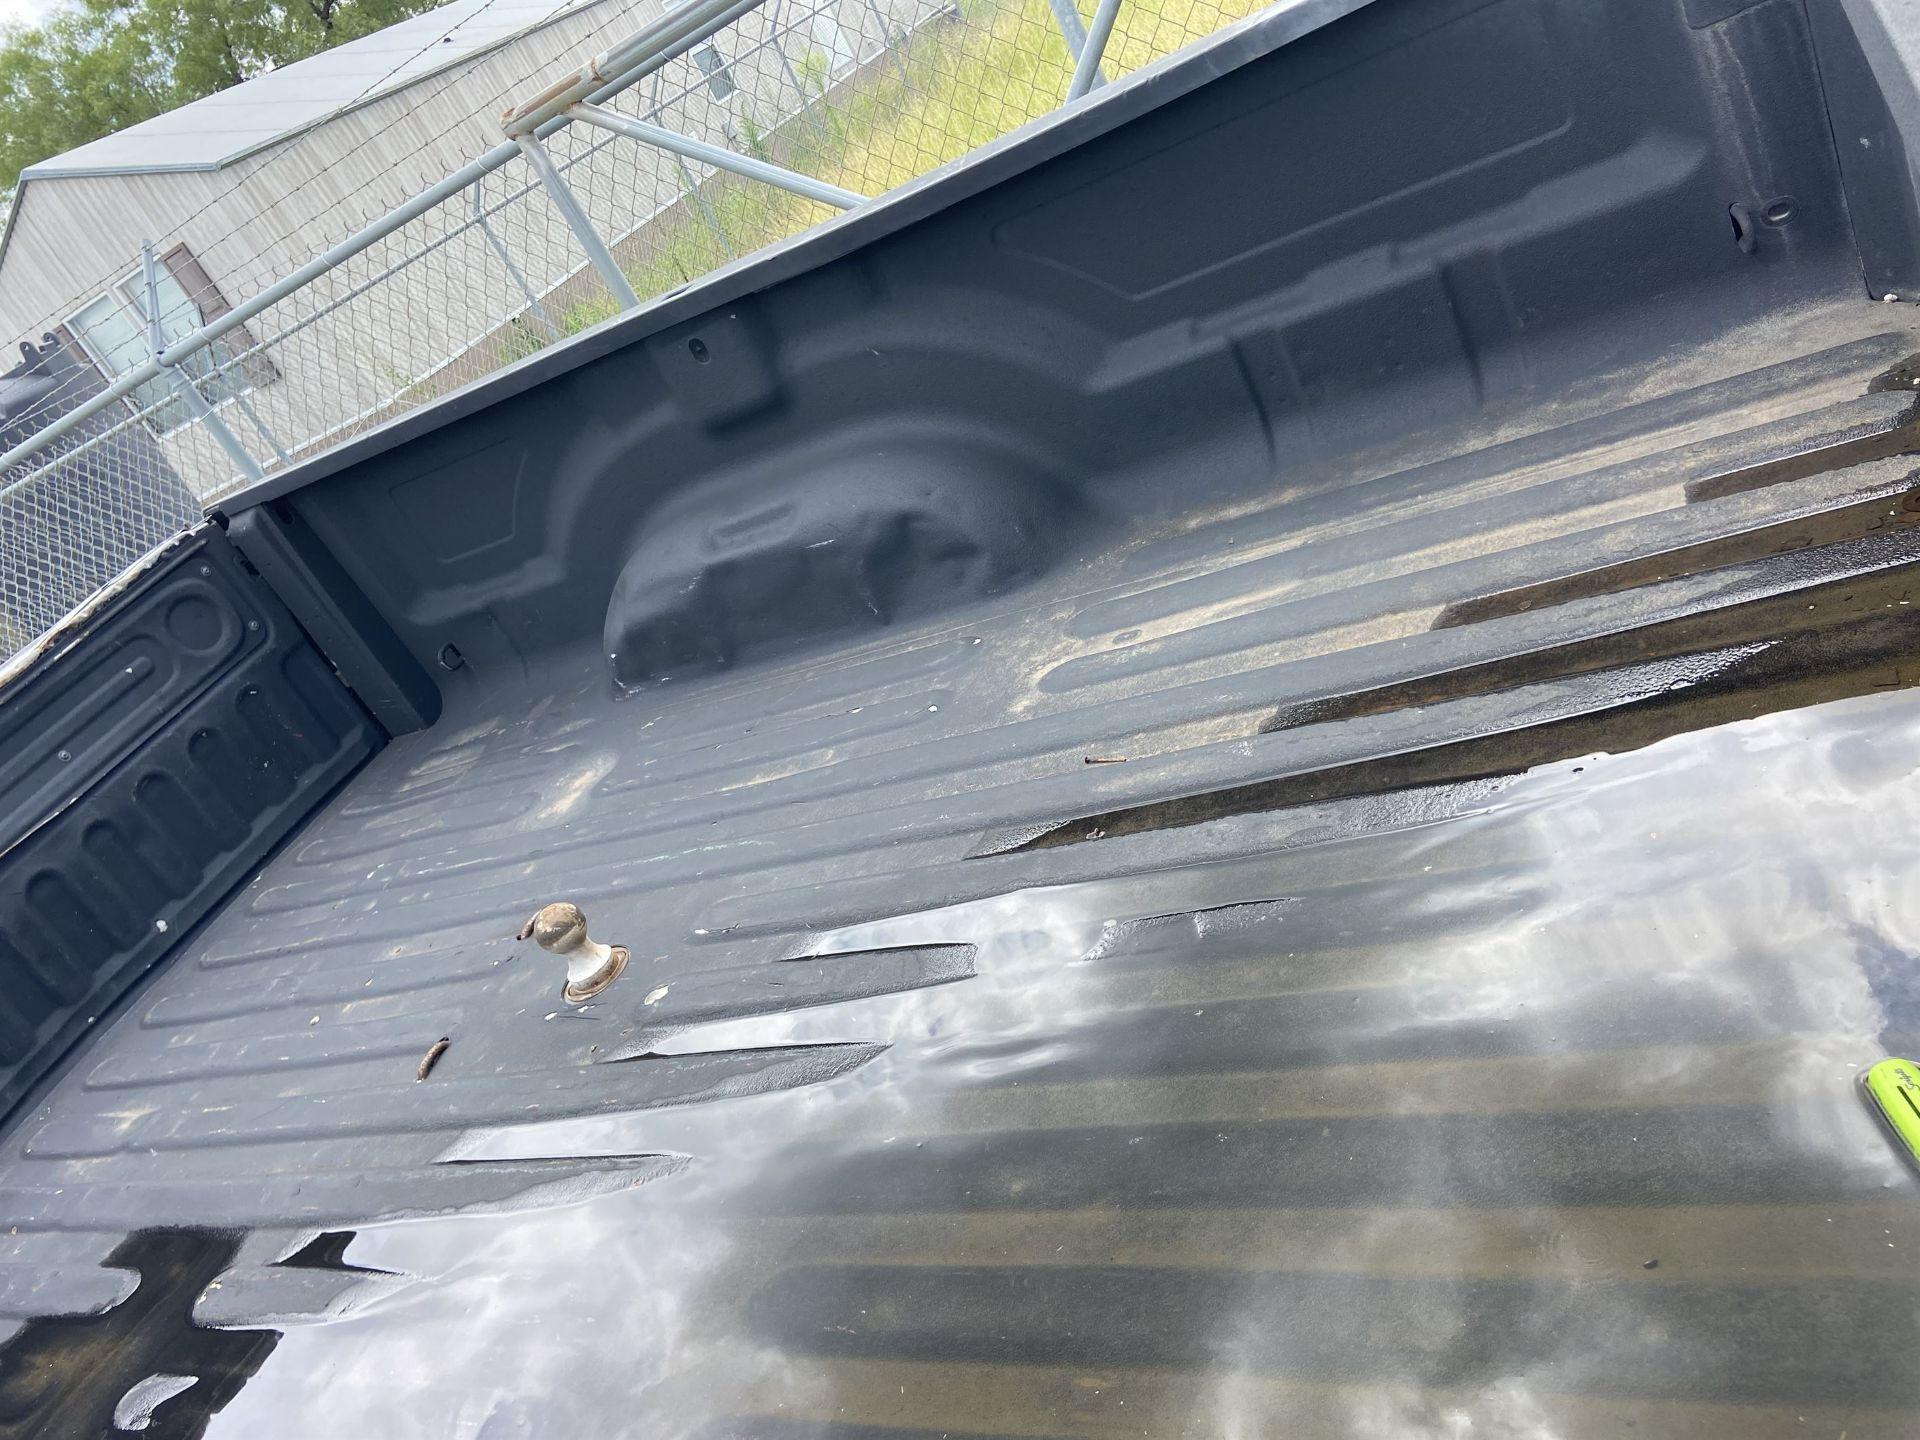 2013 Dodge Ram 2500 HD Crew Cab Long Bed, 251K Miles, Cloth, 4X4, Diesel, VIN # 3C6UR5HL1EG135730 - Image 16 of 17